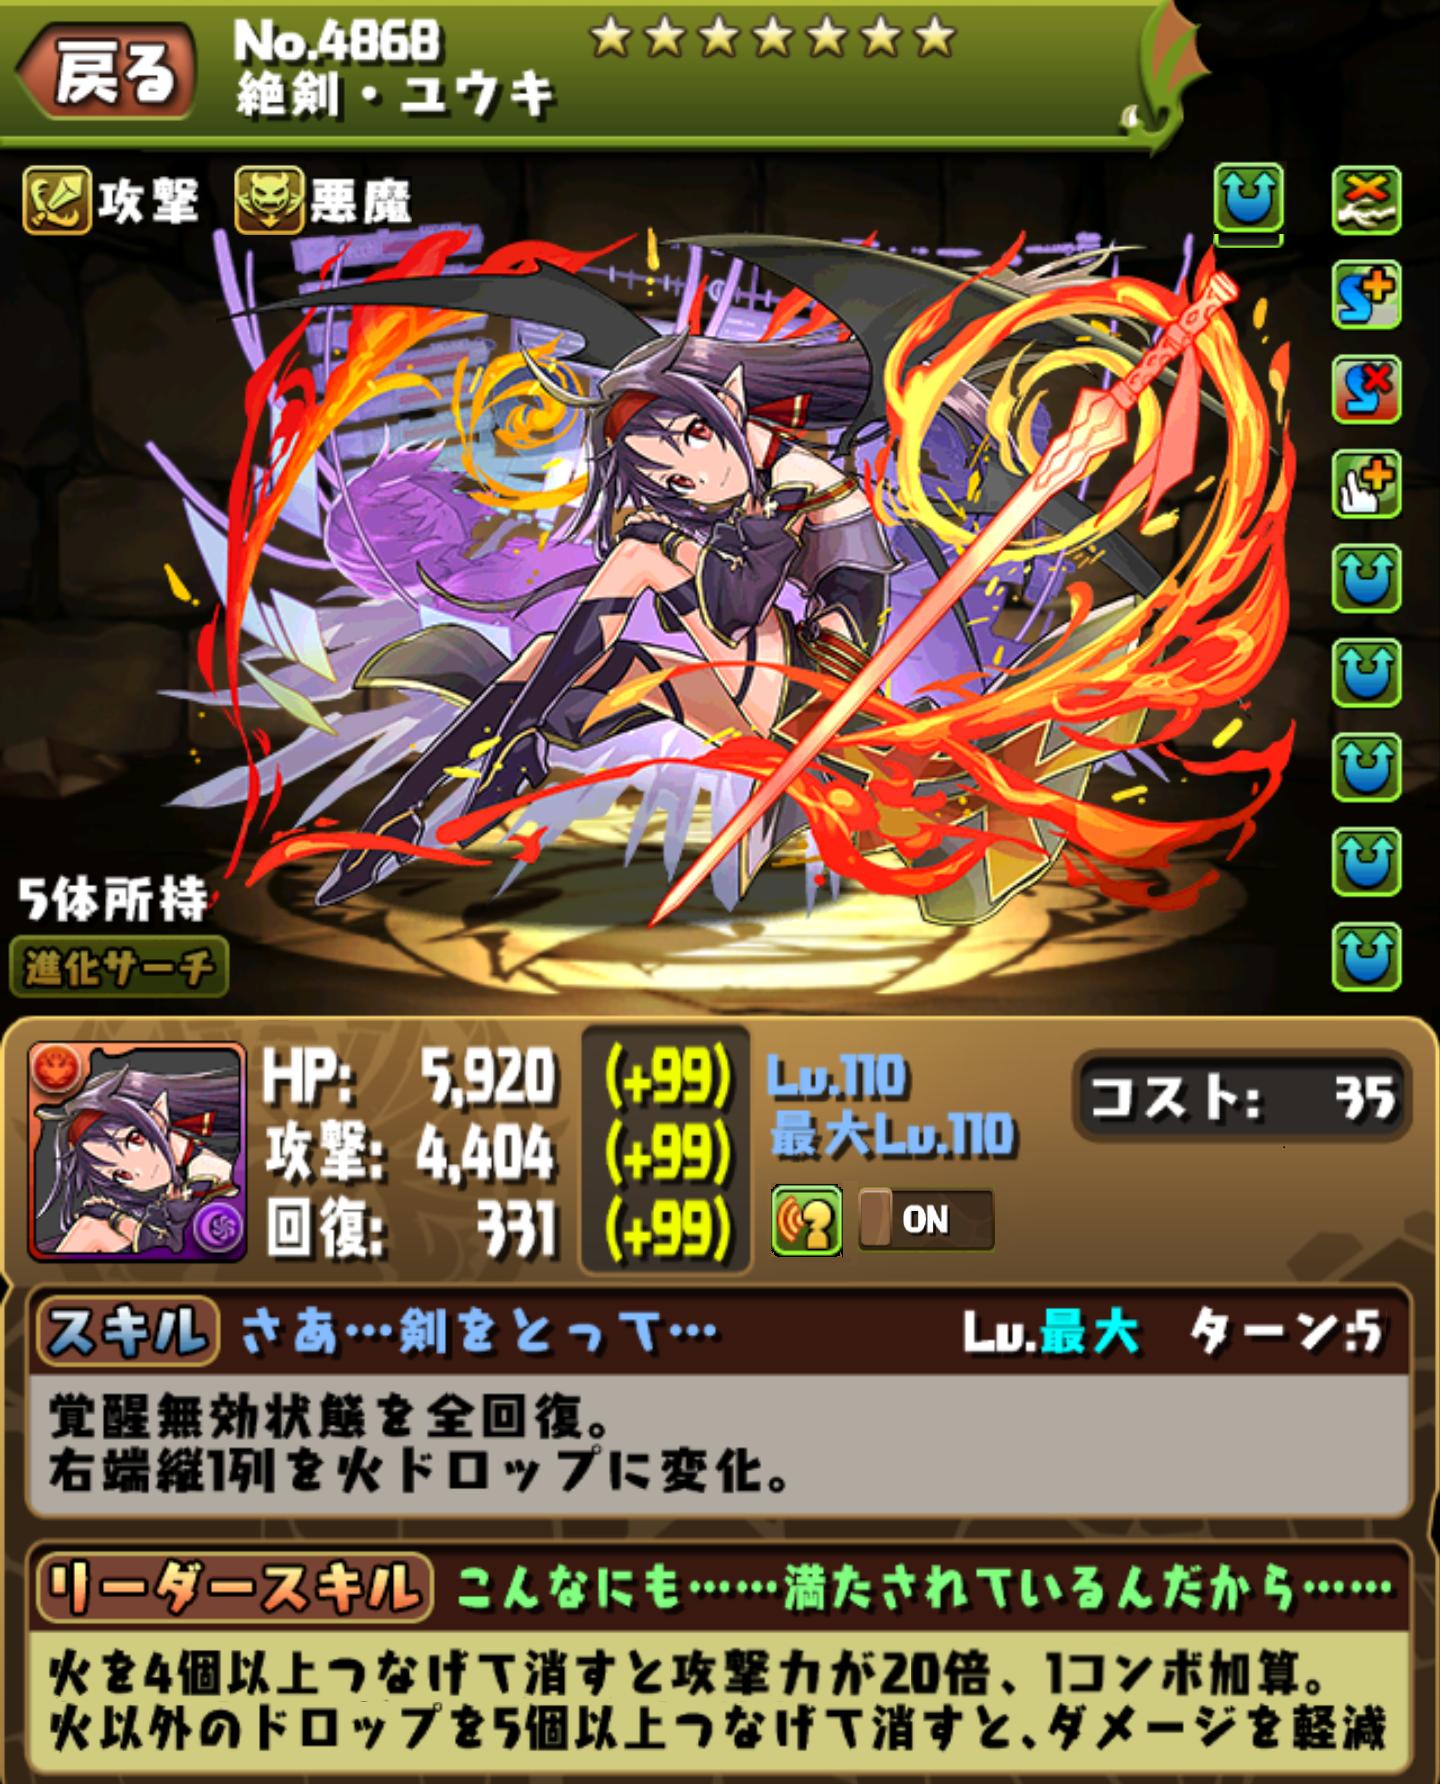 yuuki_kora - コピー (2w)